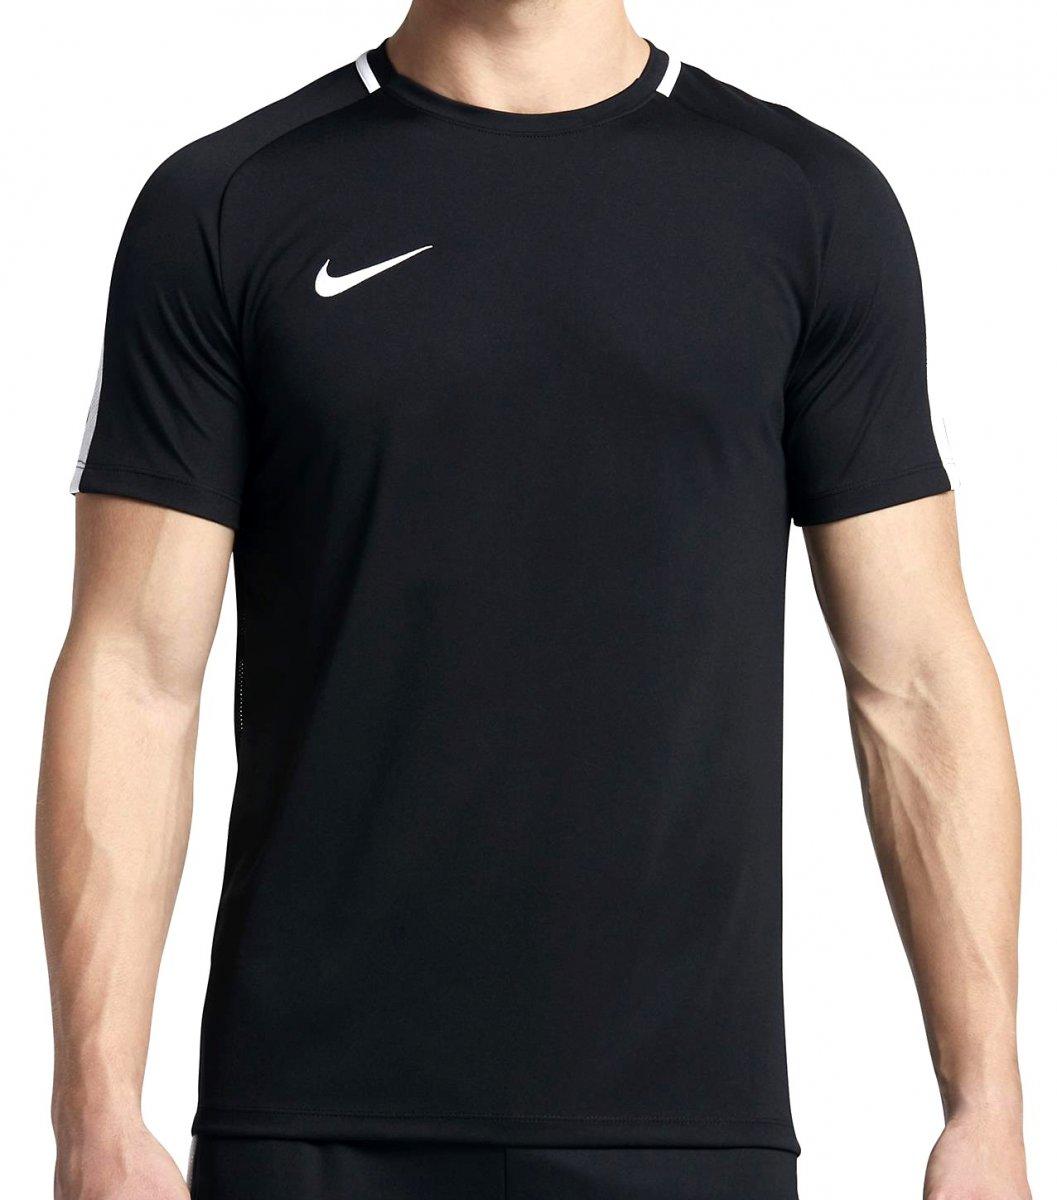 d7f8f51107 Camiseta Masculina Nike Academy 832967-010 - Preto Branco - Calçados ...